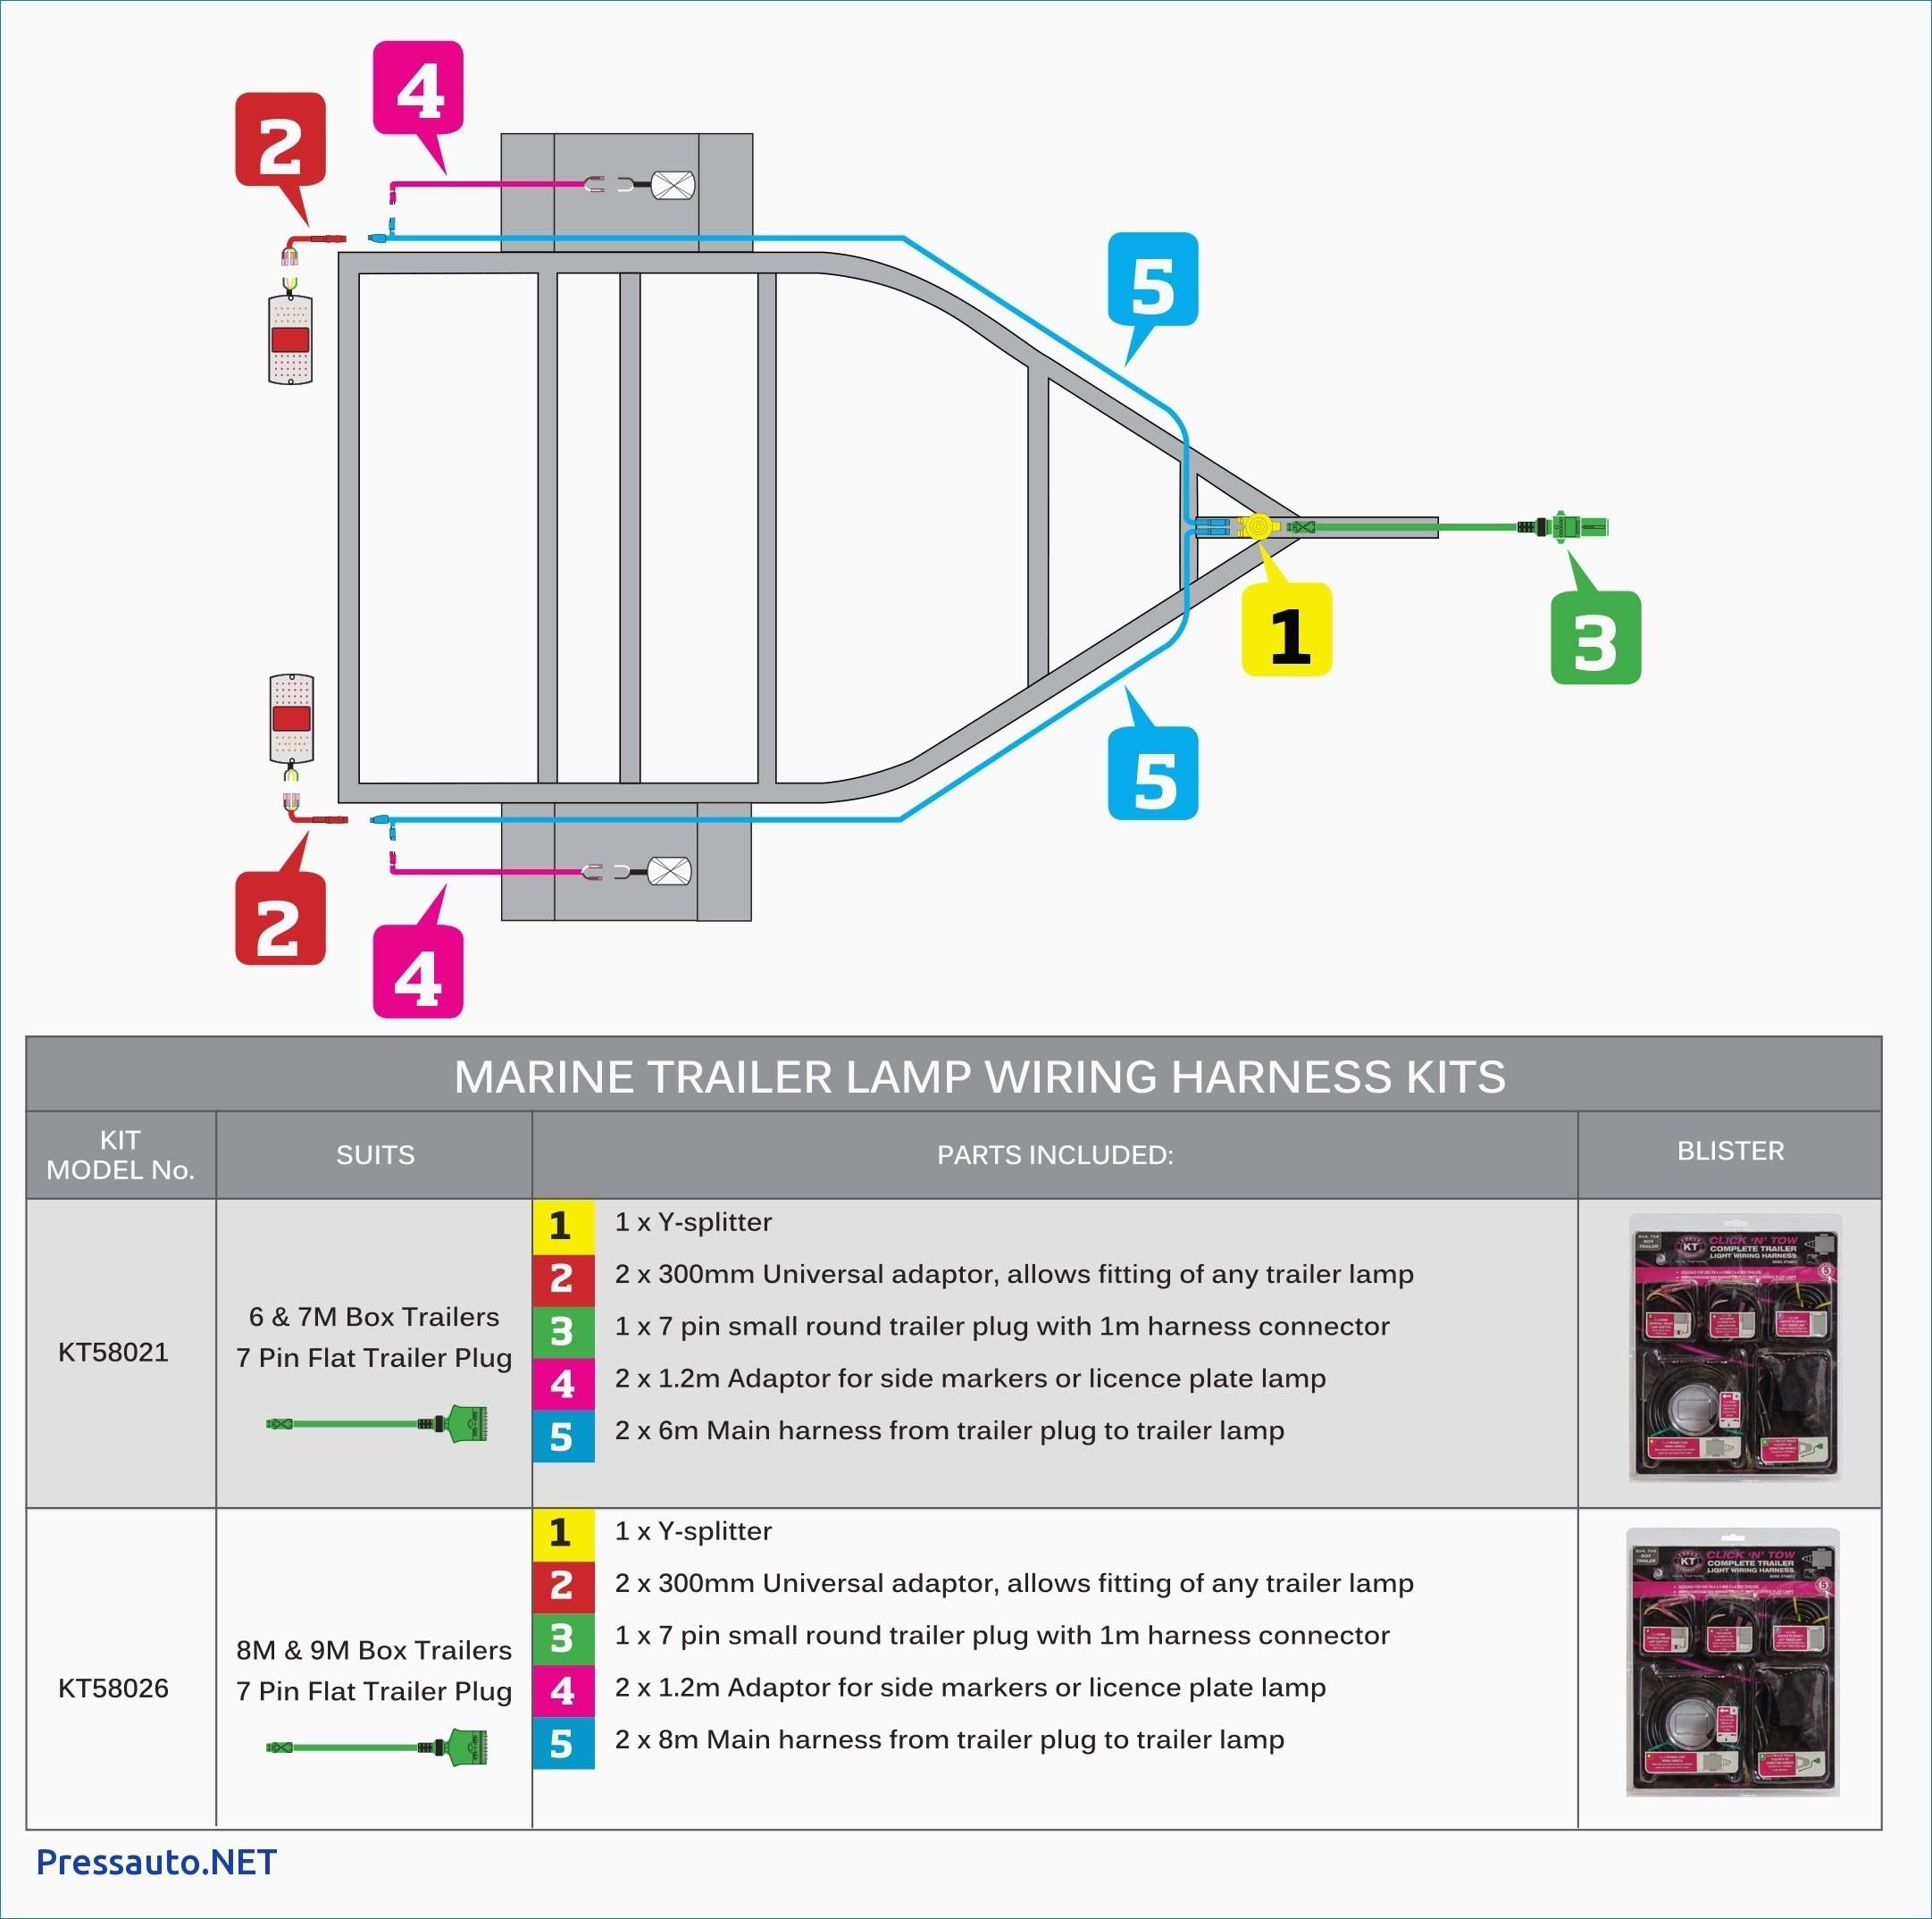 6 Pole Round Pin Wiring Diagram | Wiring Diagram  Pin Trailer Wiring Diagram Square on